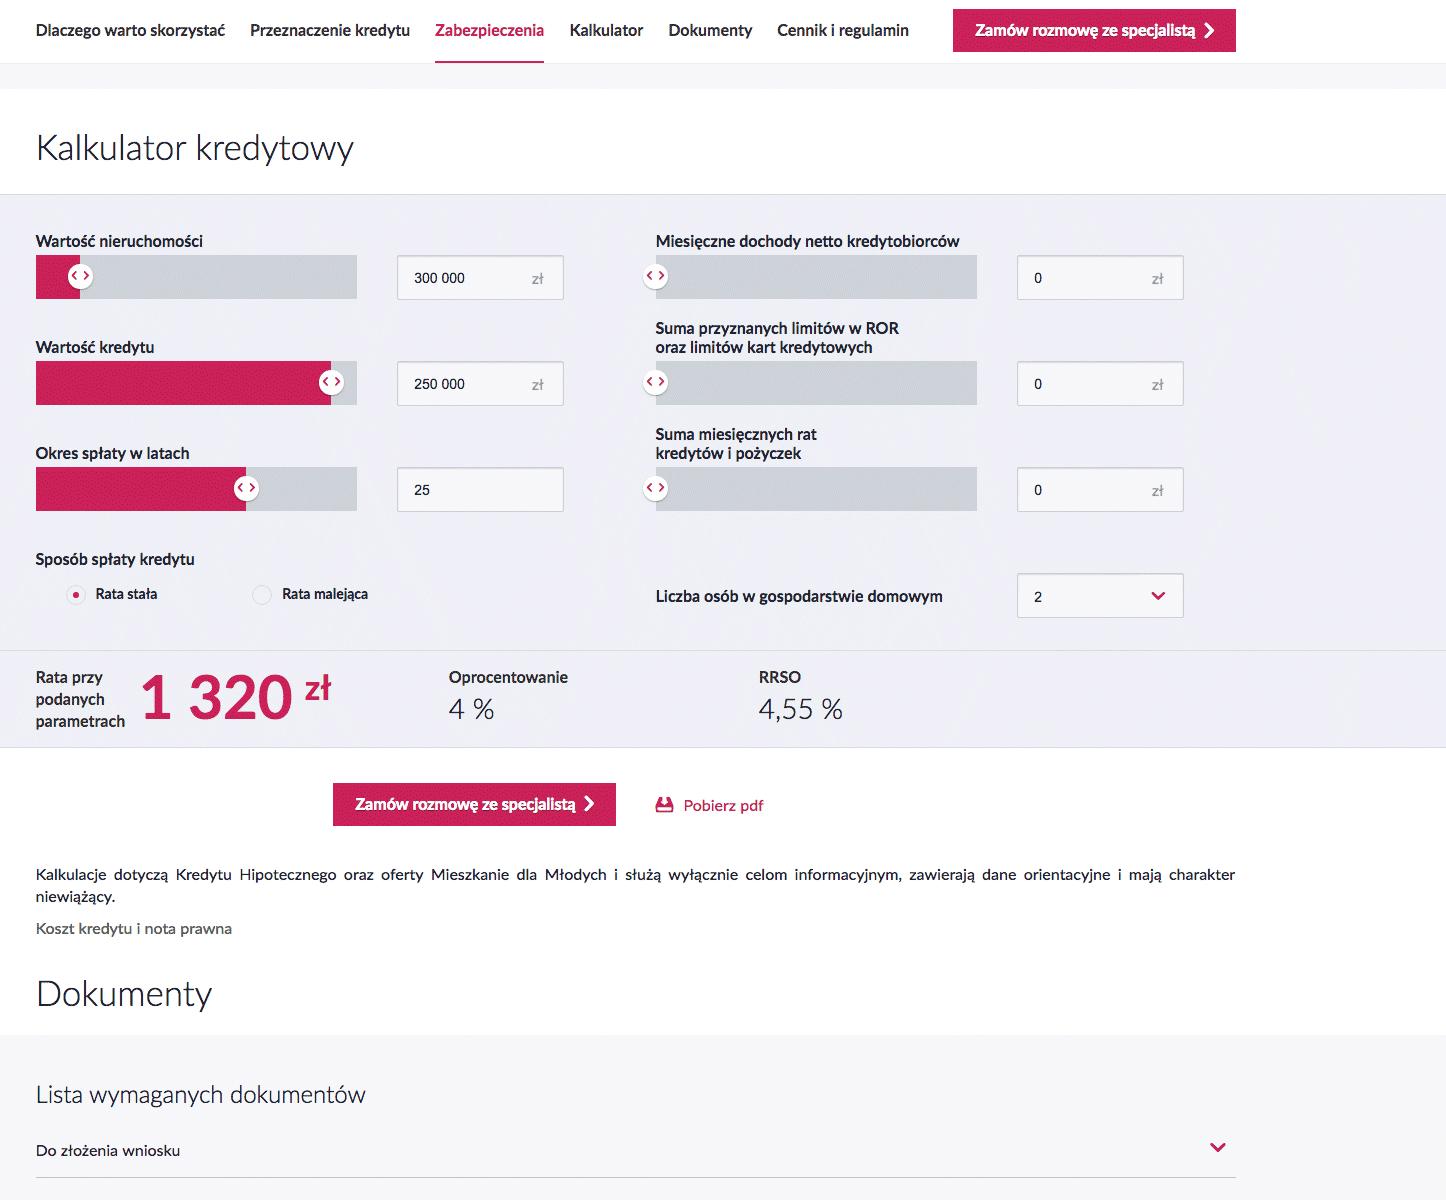 Примерный расчет ипотечного кредита на странице банка «Миллениум». Ставка — 4%